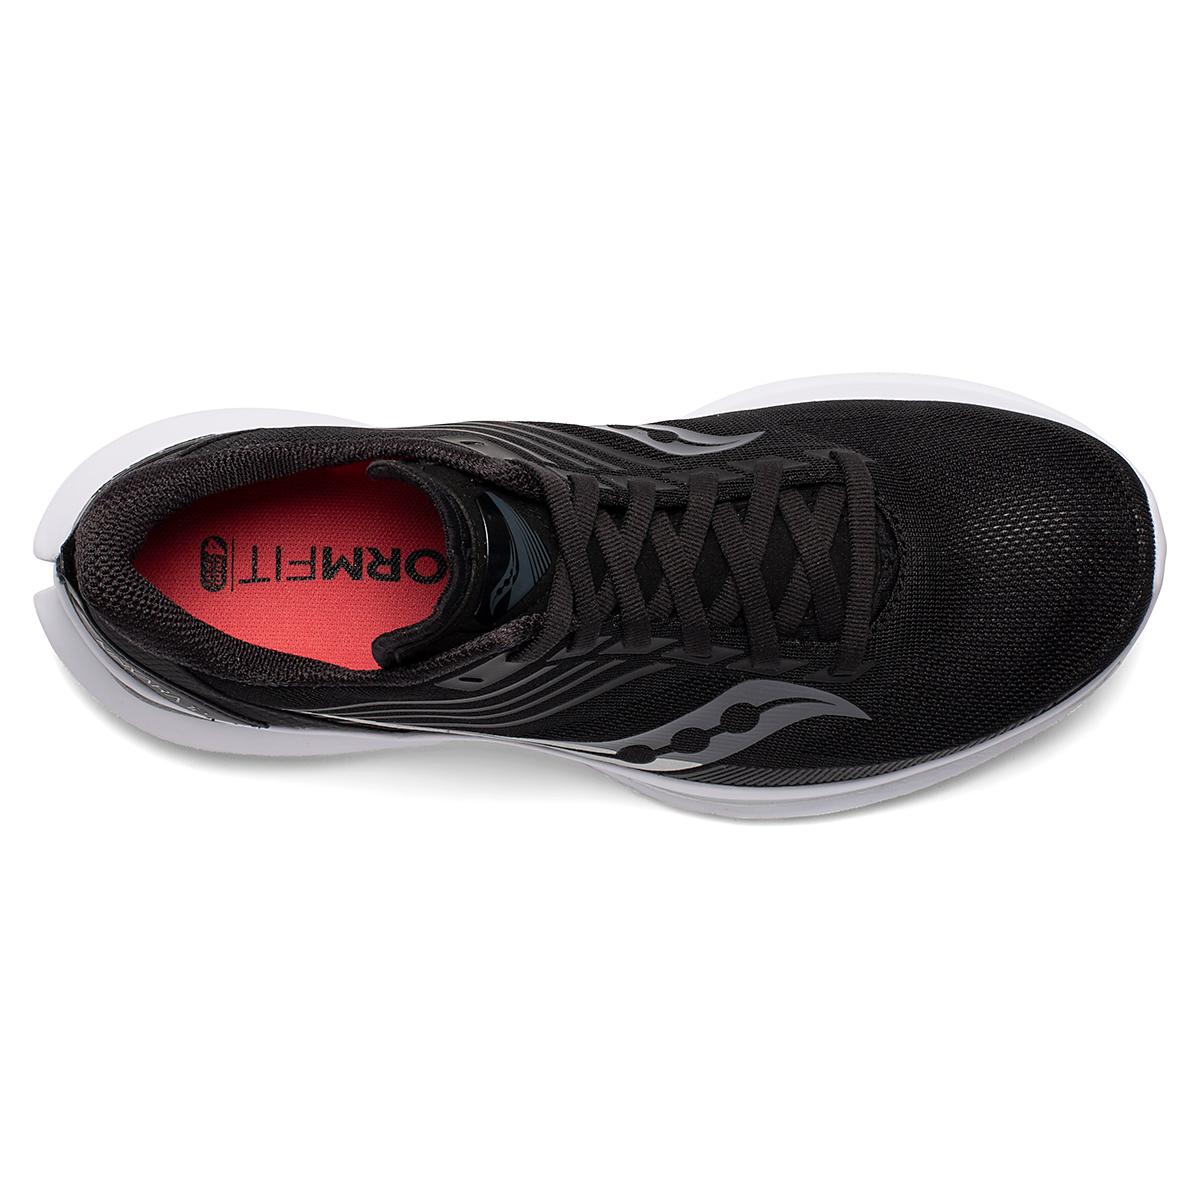 Women's Saucony Kinvara 12 Running Shoe - Color: Black/Silver - Size: 5 - Width: Regular, Black/Silver, large, image 4